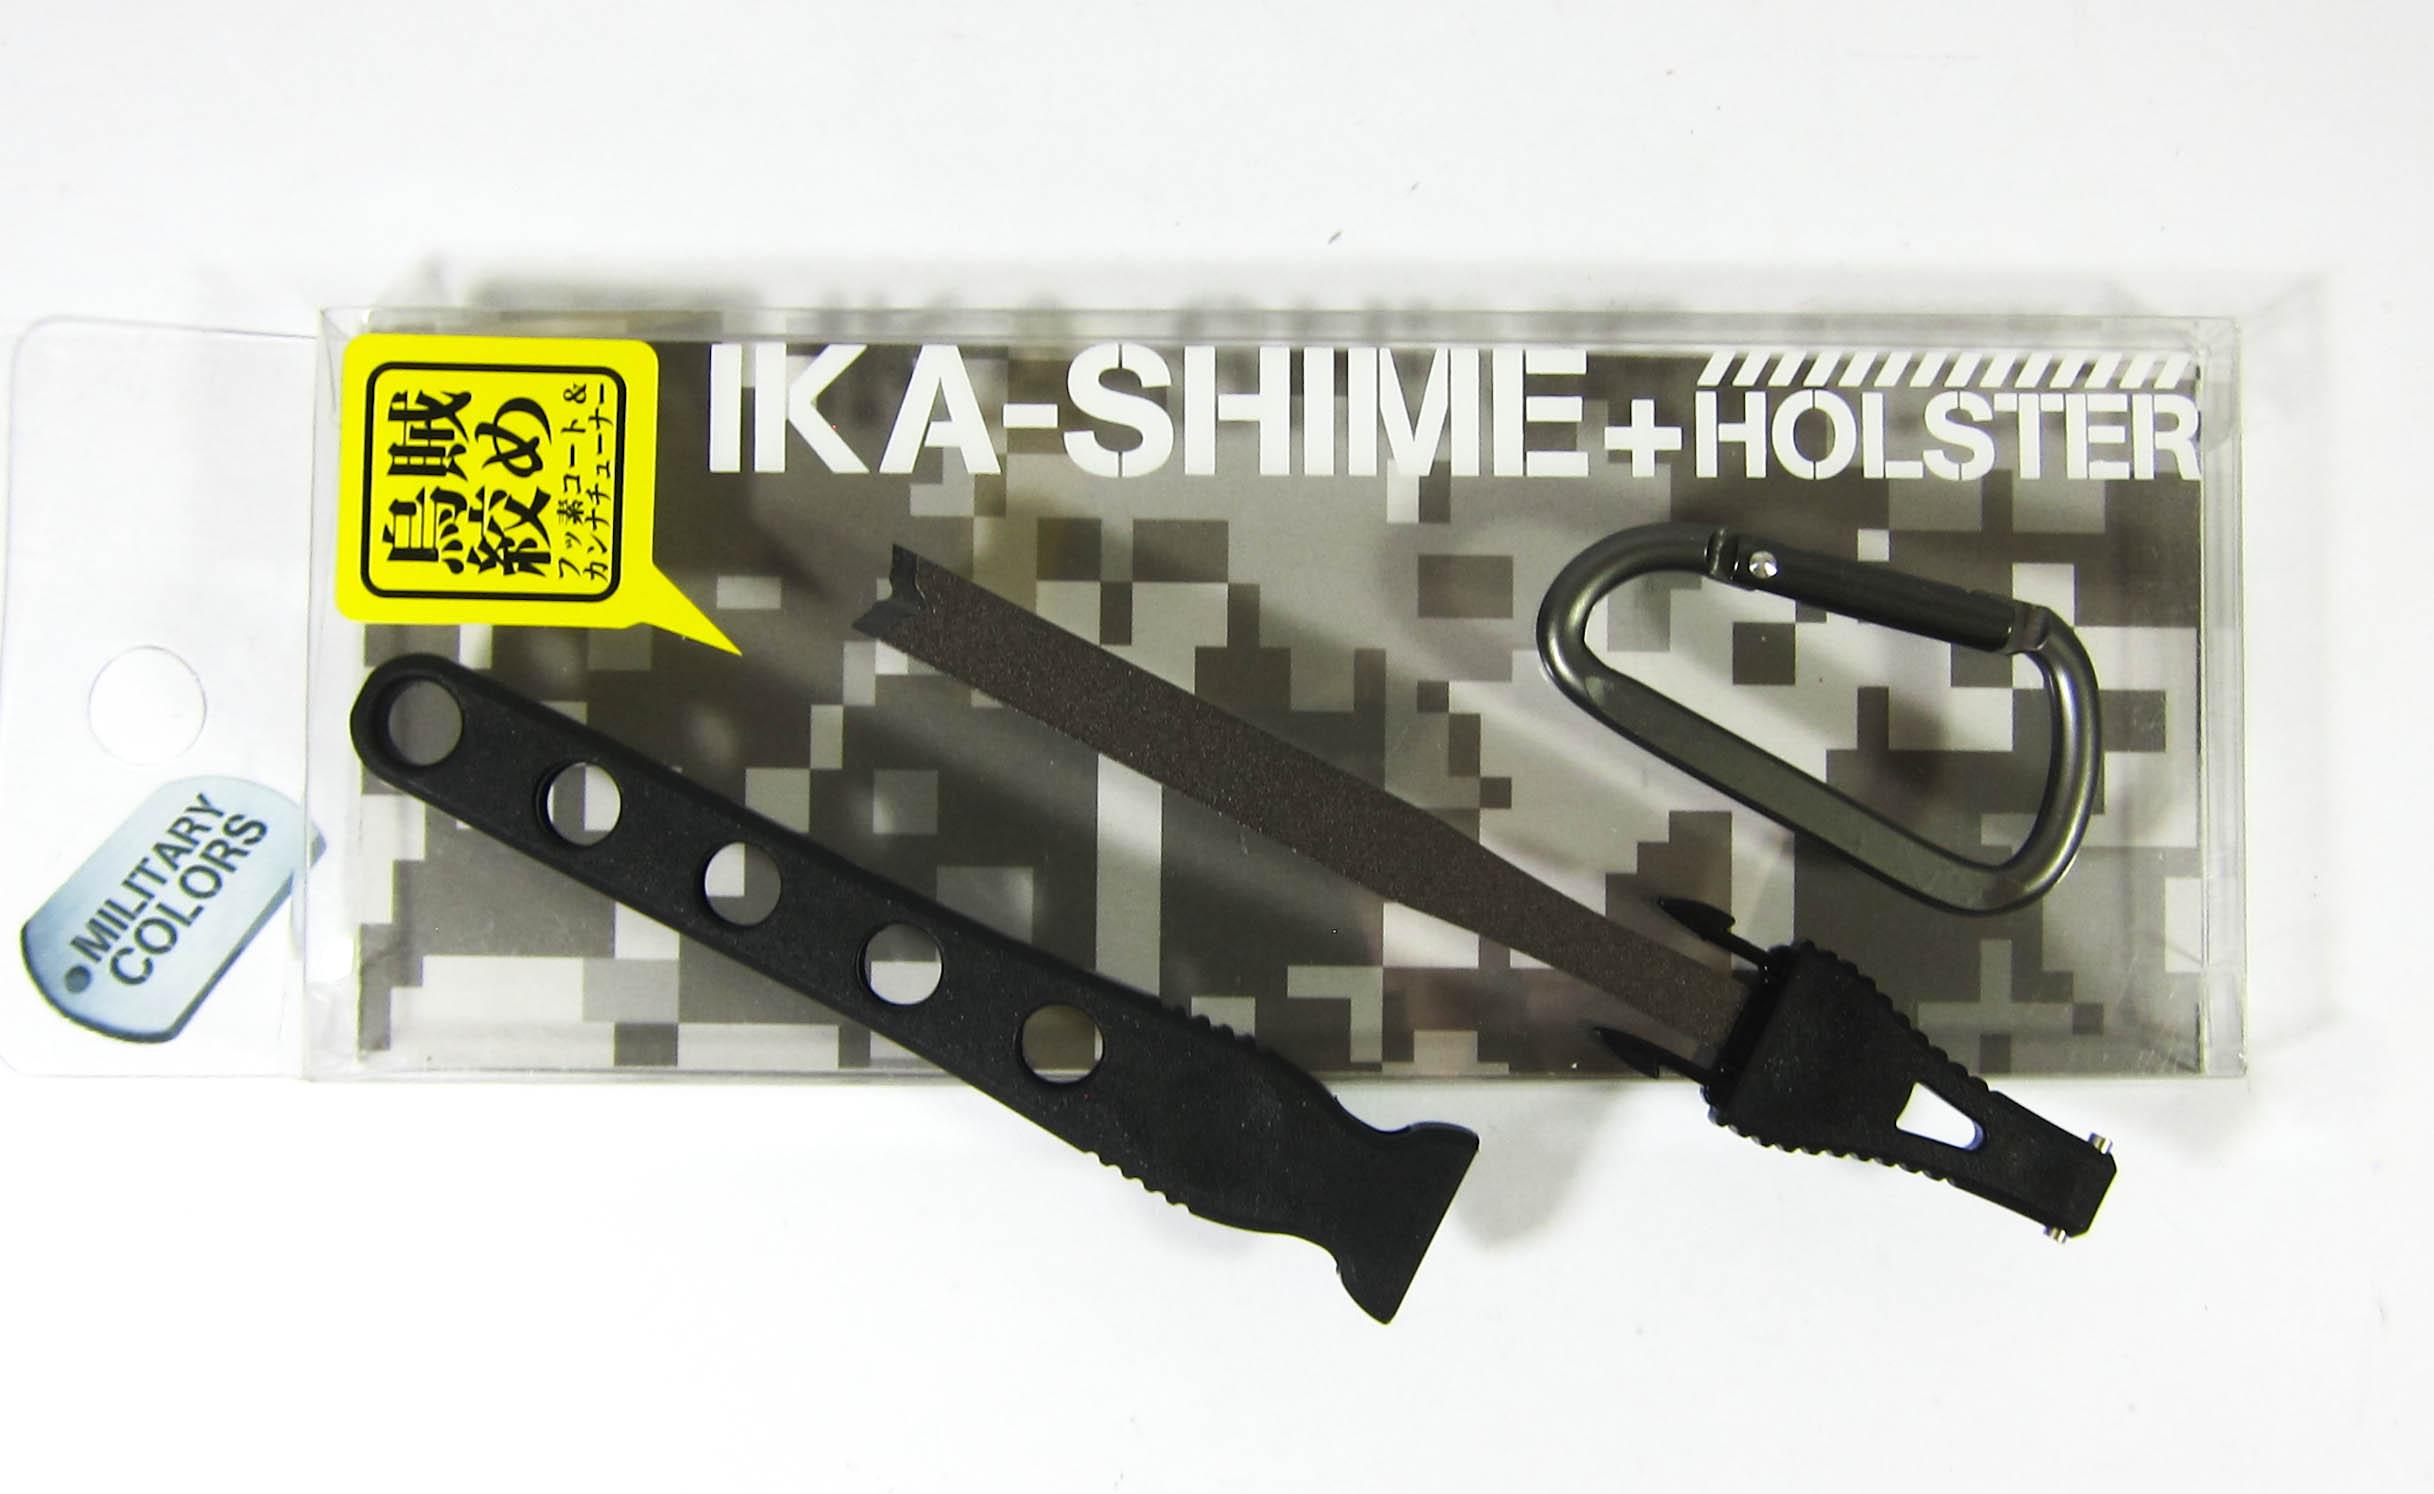 Daiichi #32141 Egi Oh Ika Shime Squid Spike Holster 125mm Black (1417)